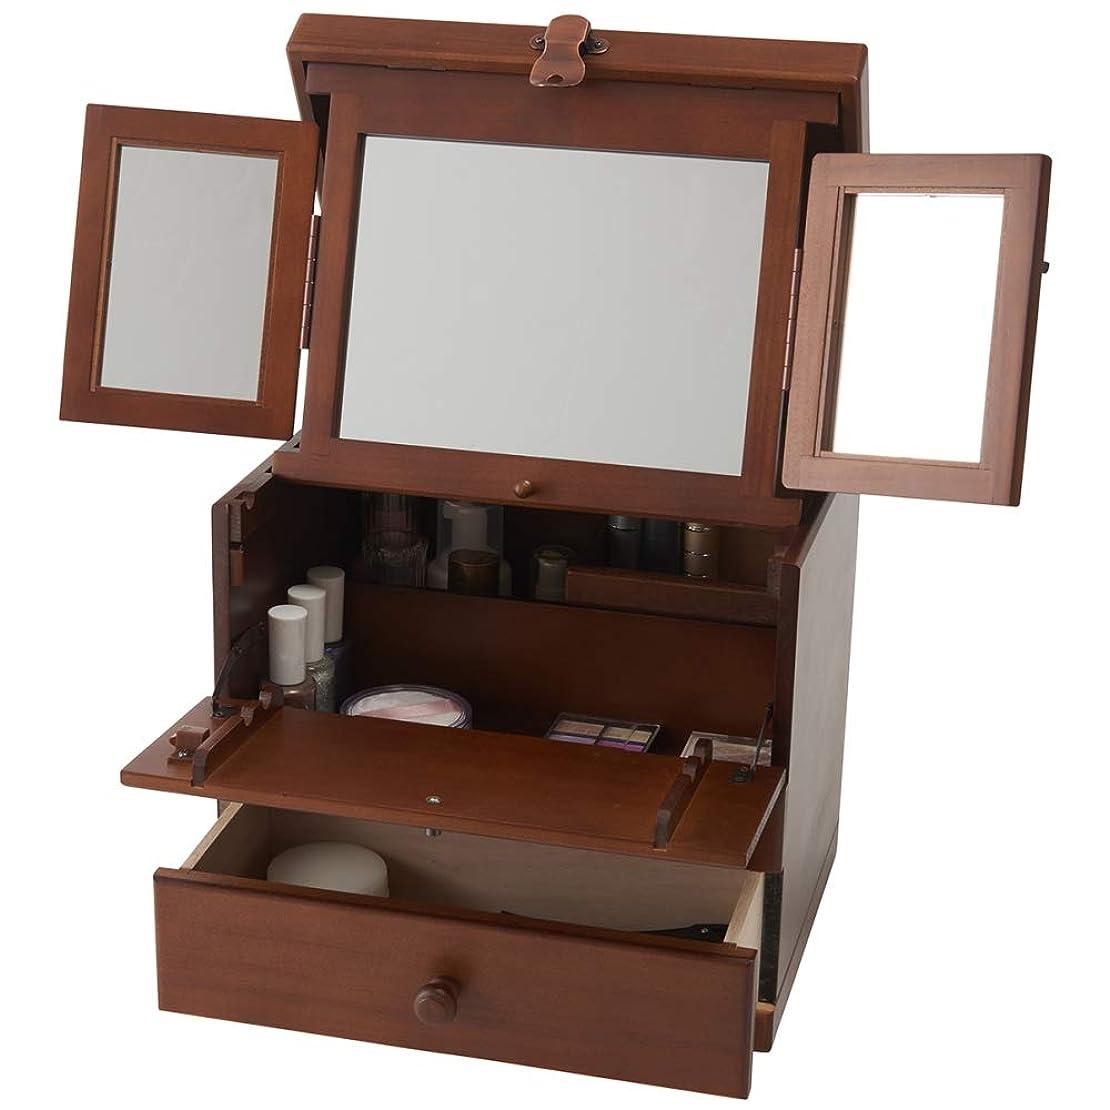 助けになる例示するおもちゃ木製コスメボックス 三面鏡 持ち運び 鏡付き 化粧ボックス メイクボックス 日本製